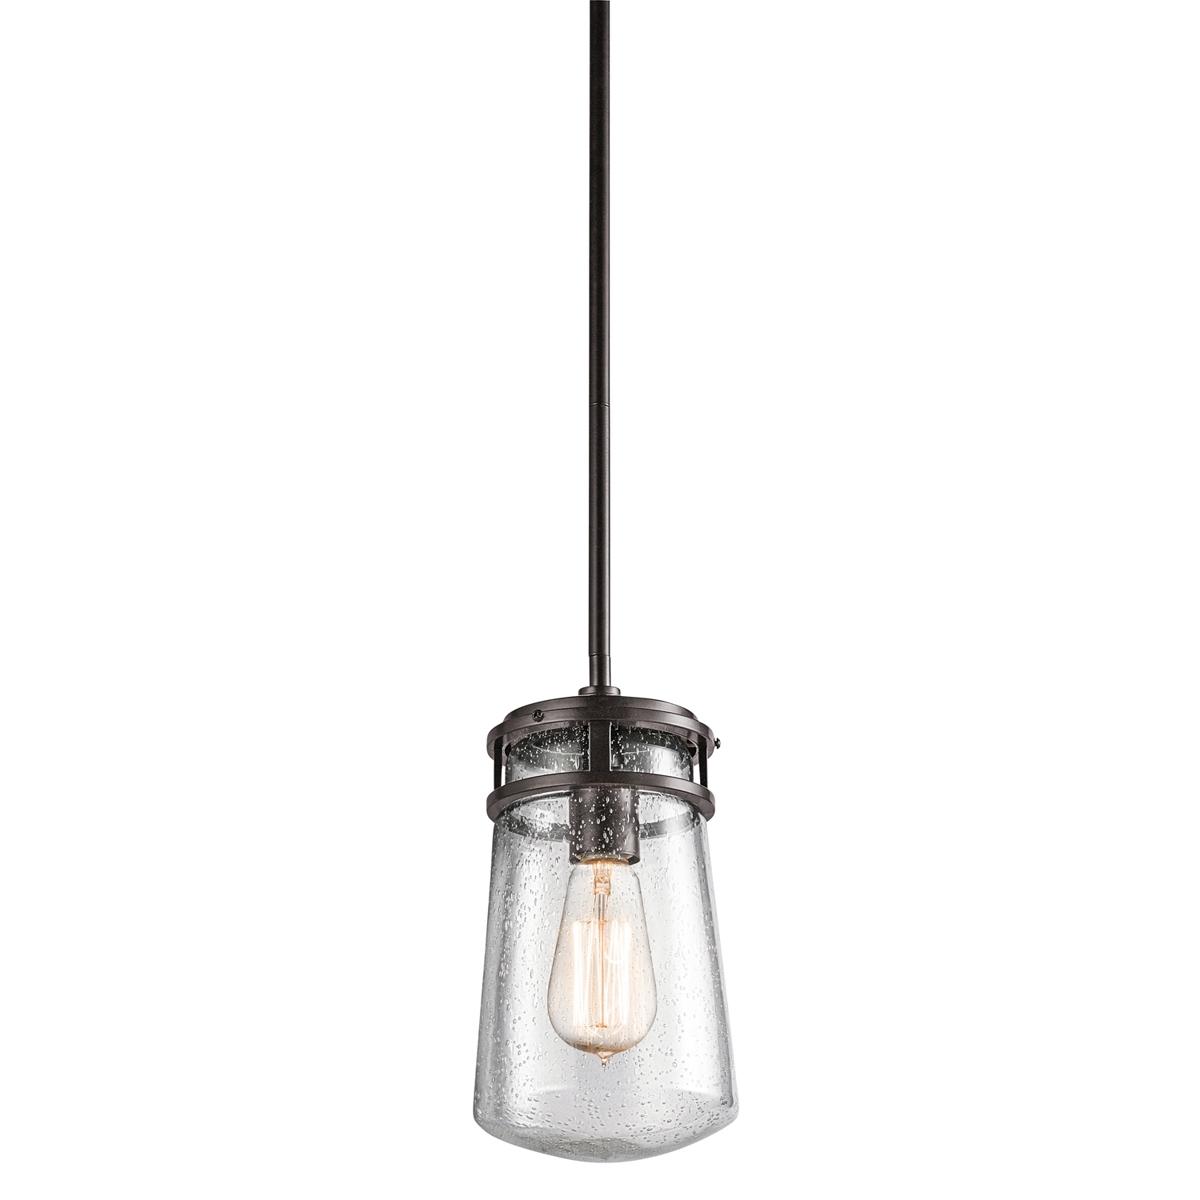 Outdoor Pendant Light Fixtures Incredible Hanging Lights Lamps Expo With Outdoor Hanging Light Pendants (#10 of 15)